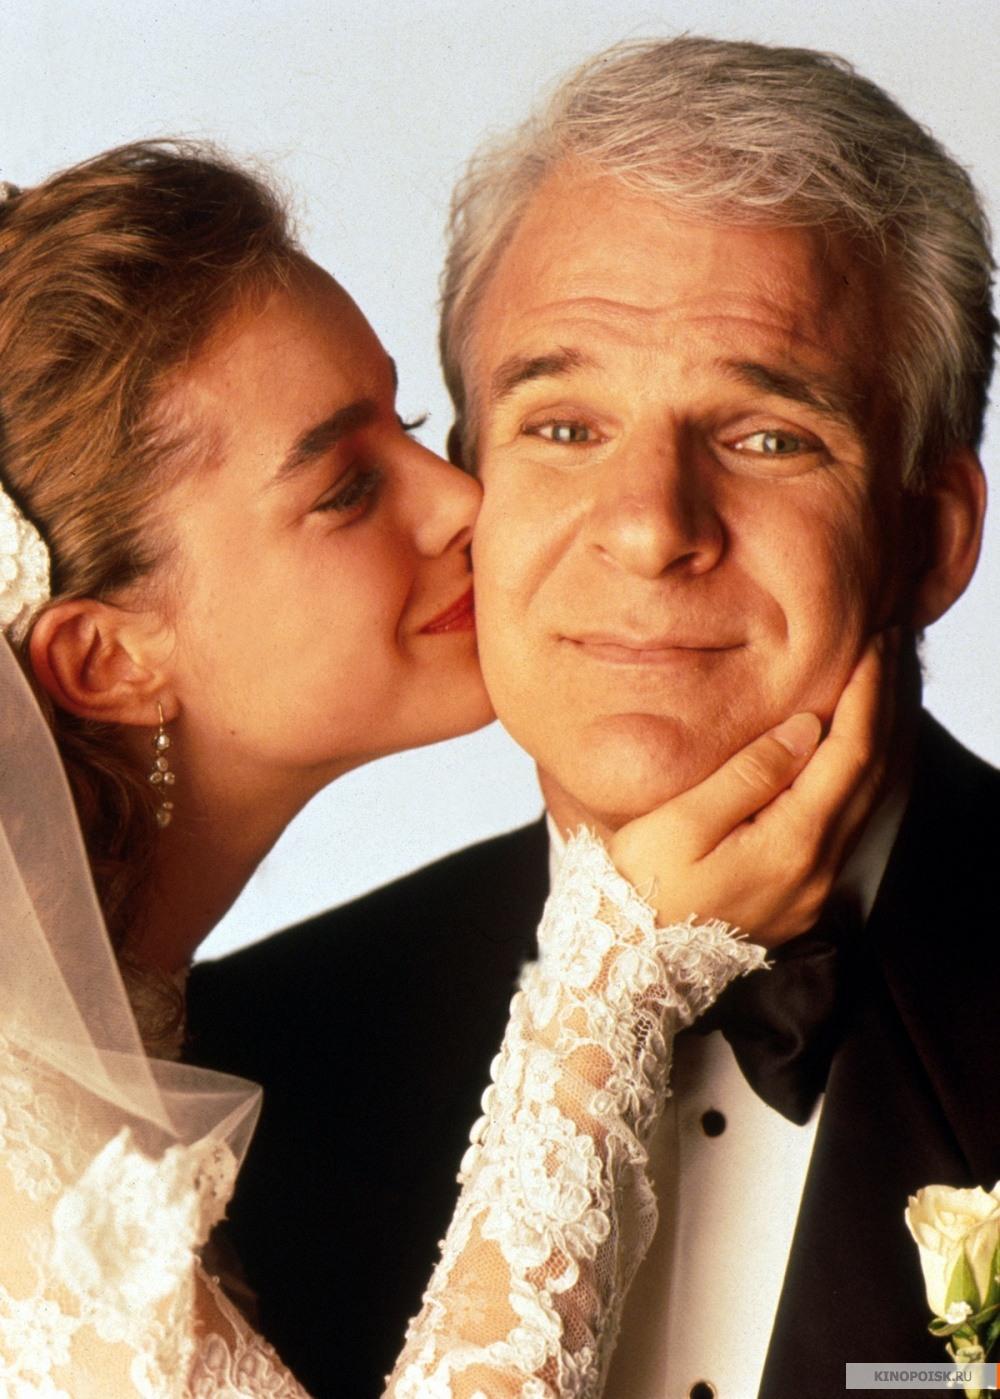 Смотреть проиграл отцу в карты свою невесту 17 фотография